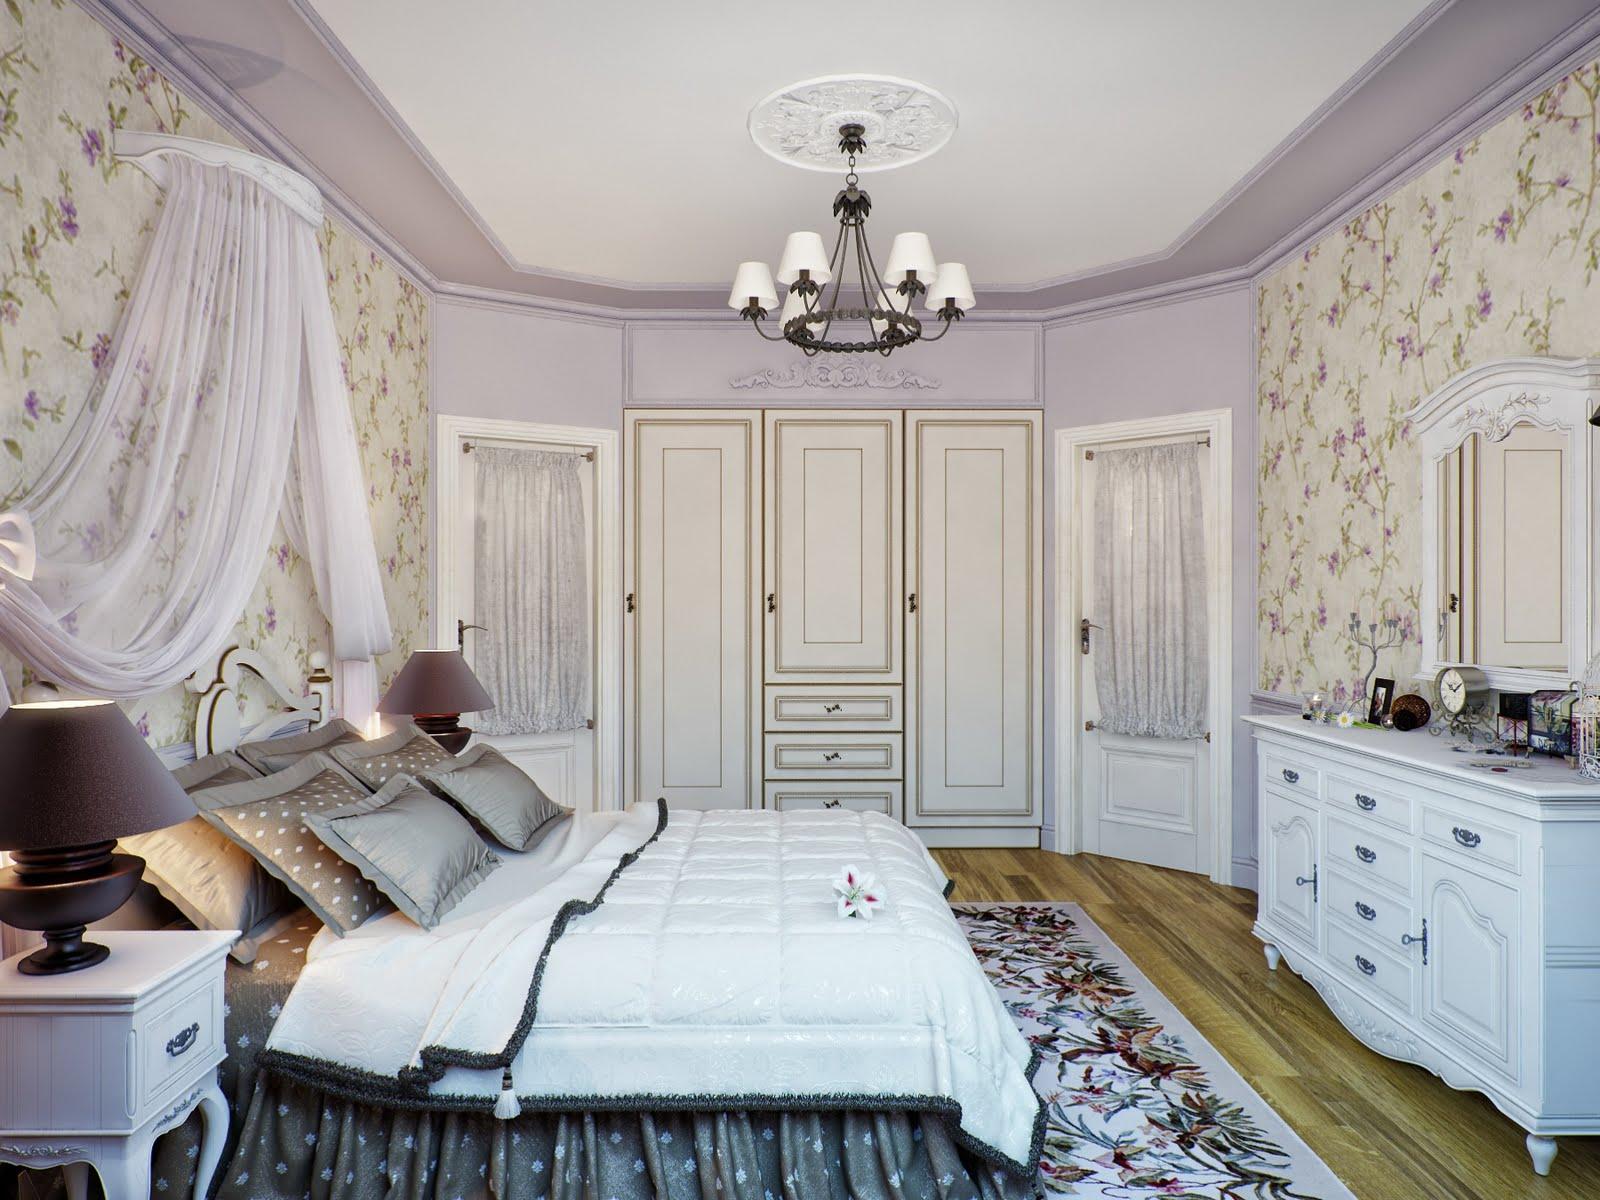 Бело-сиреневая спальня в стиле прованс